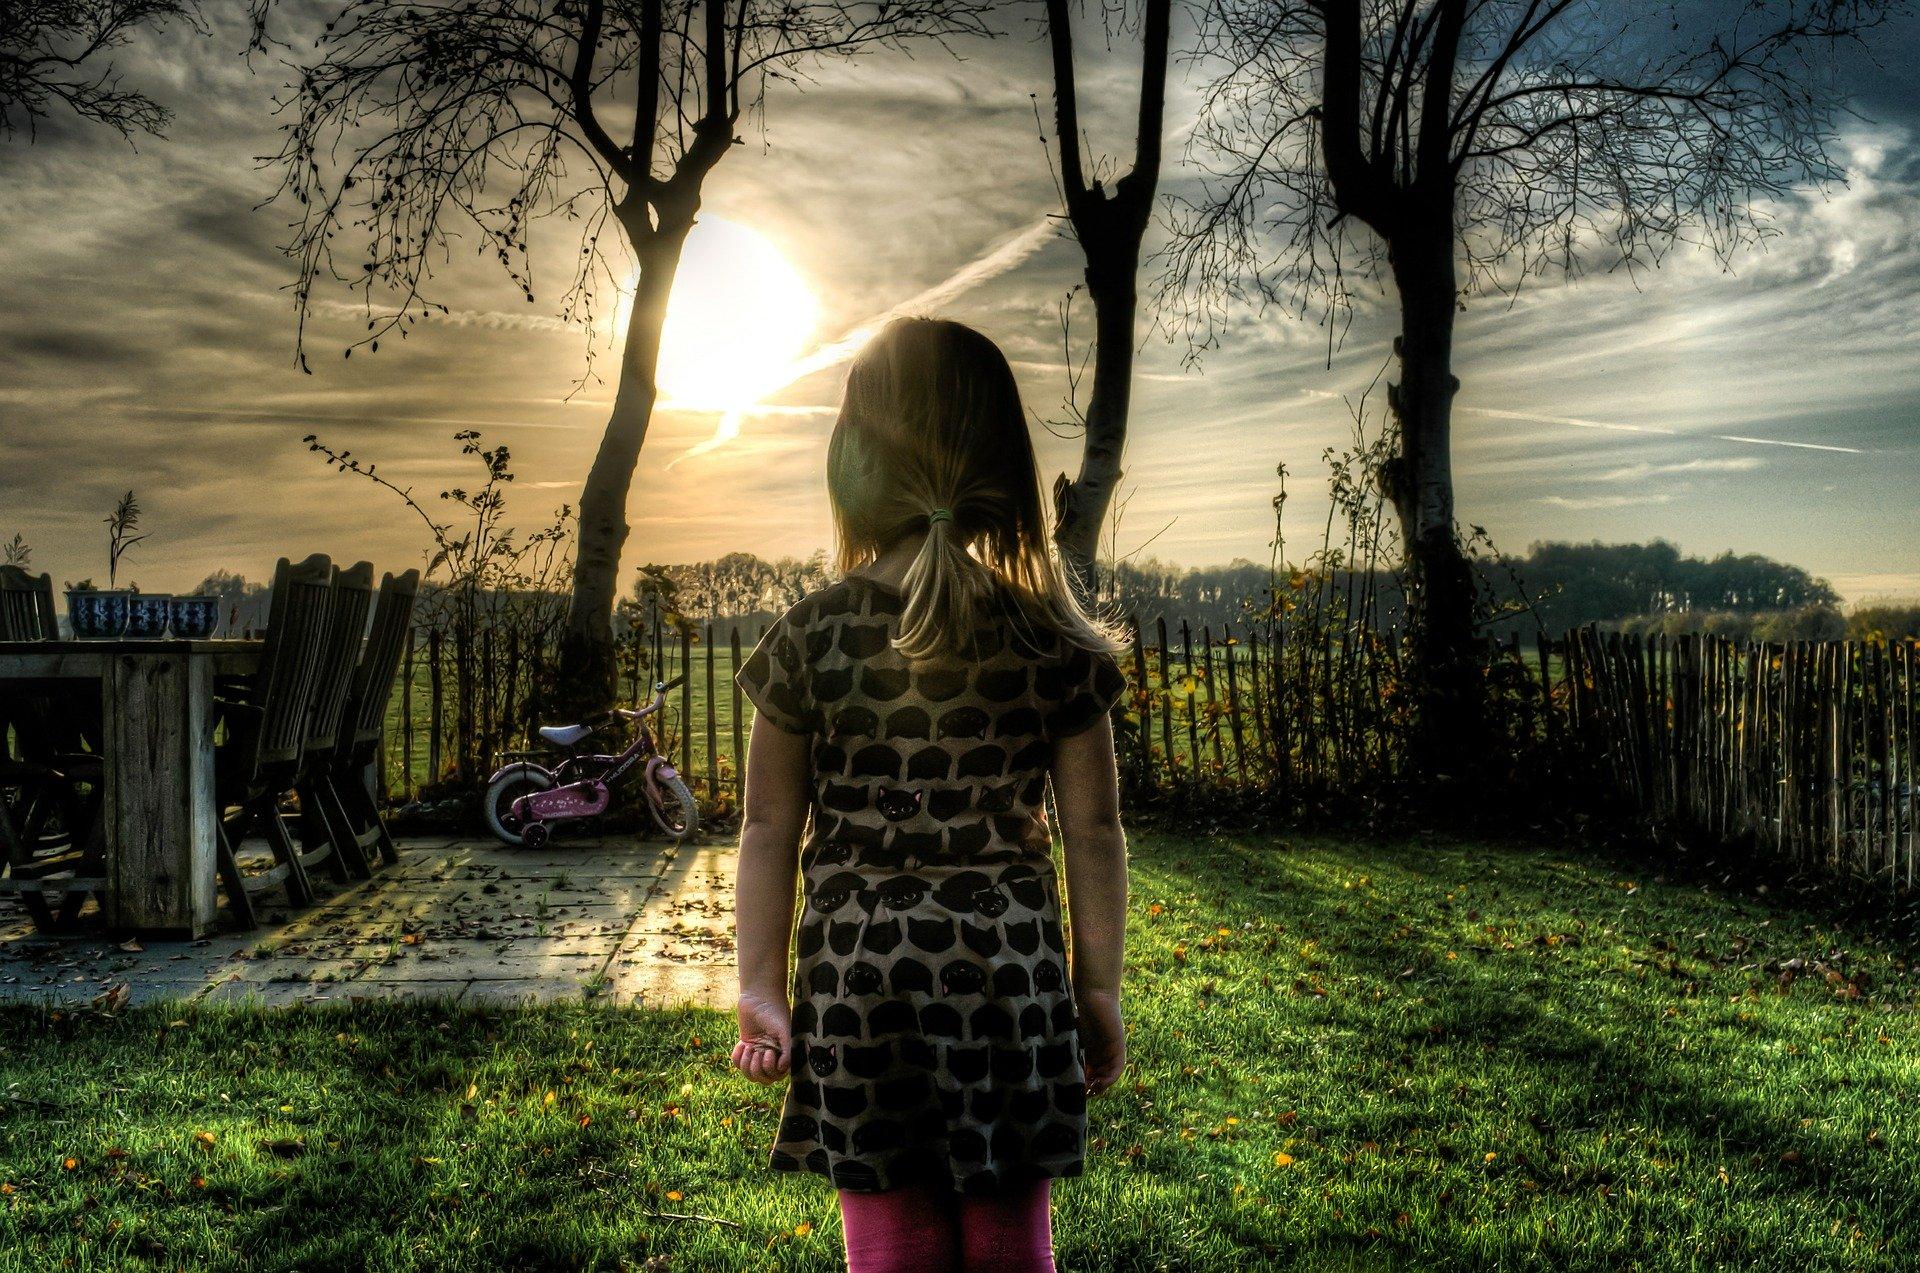 Полиция не подтвердила информацию о попытках похищения детей в Усолье-Сибирском